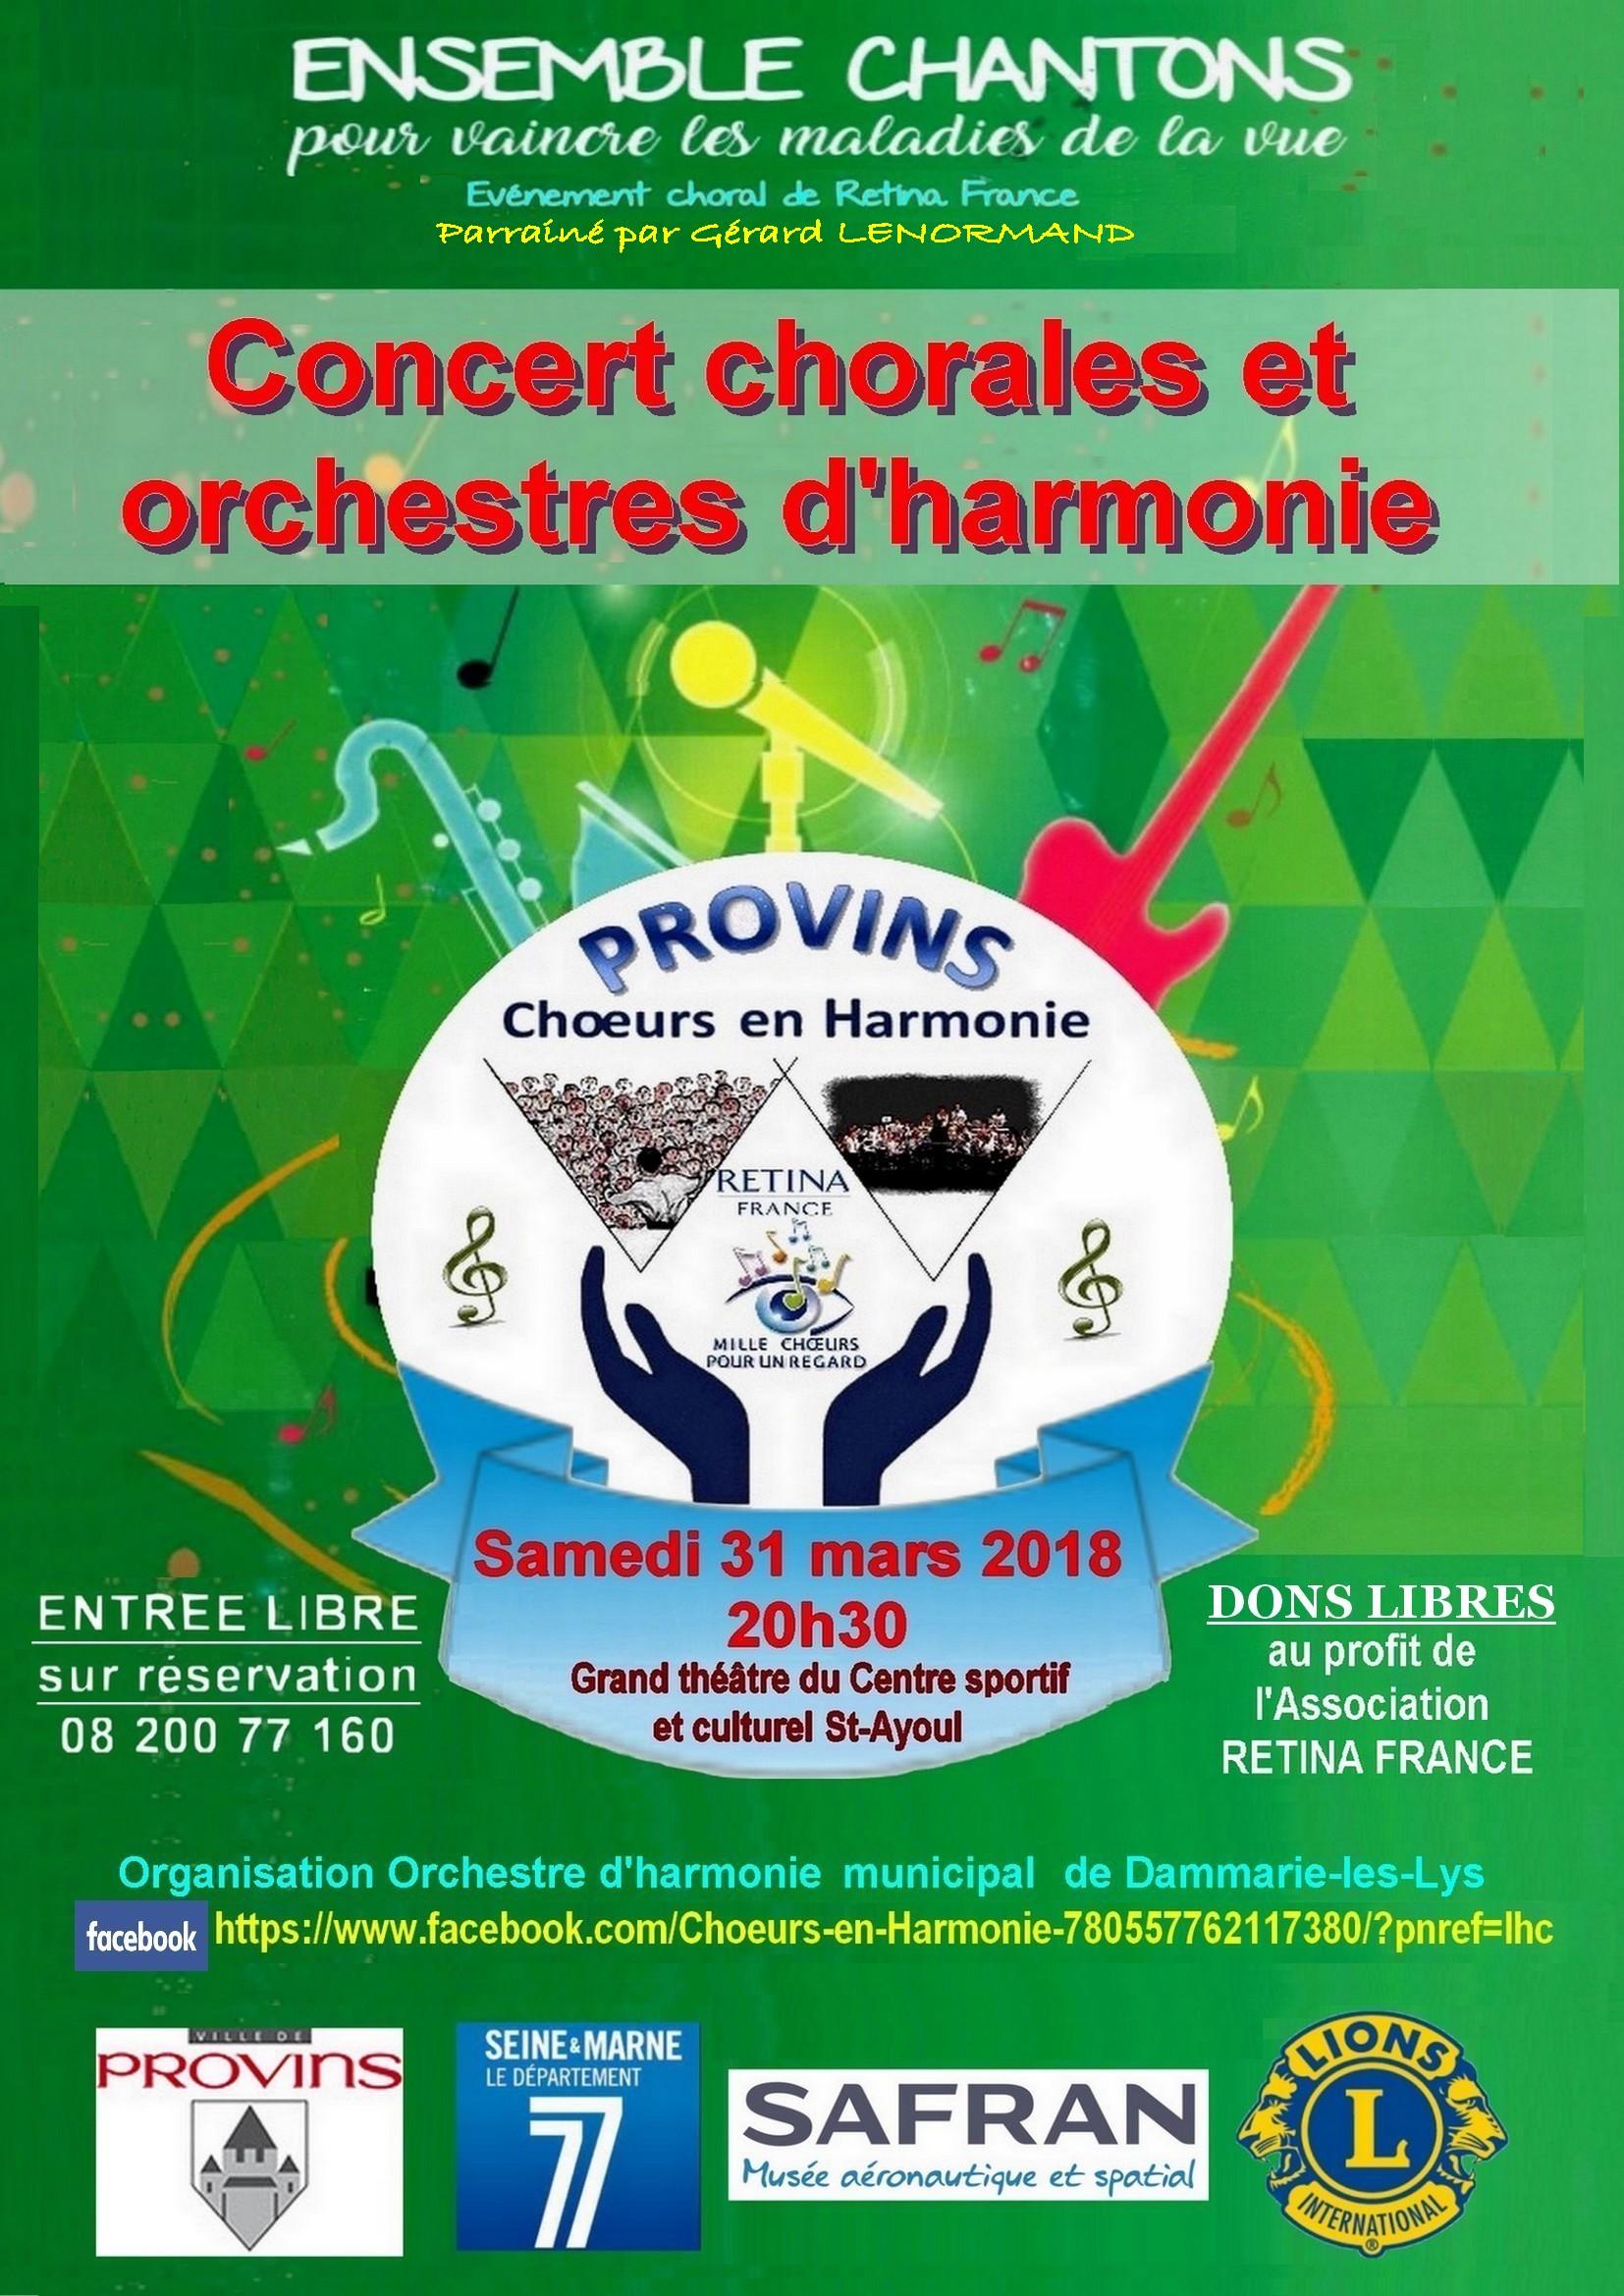 Concert chorales et orchestres d'harmonie Samedi 31 mars 2018 à 20h30 au profit de Retina France !